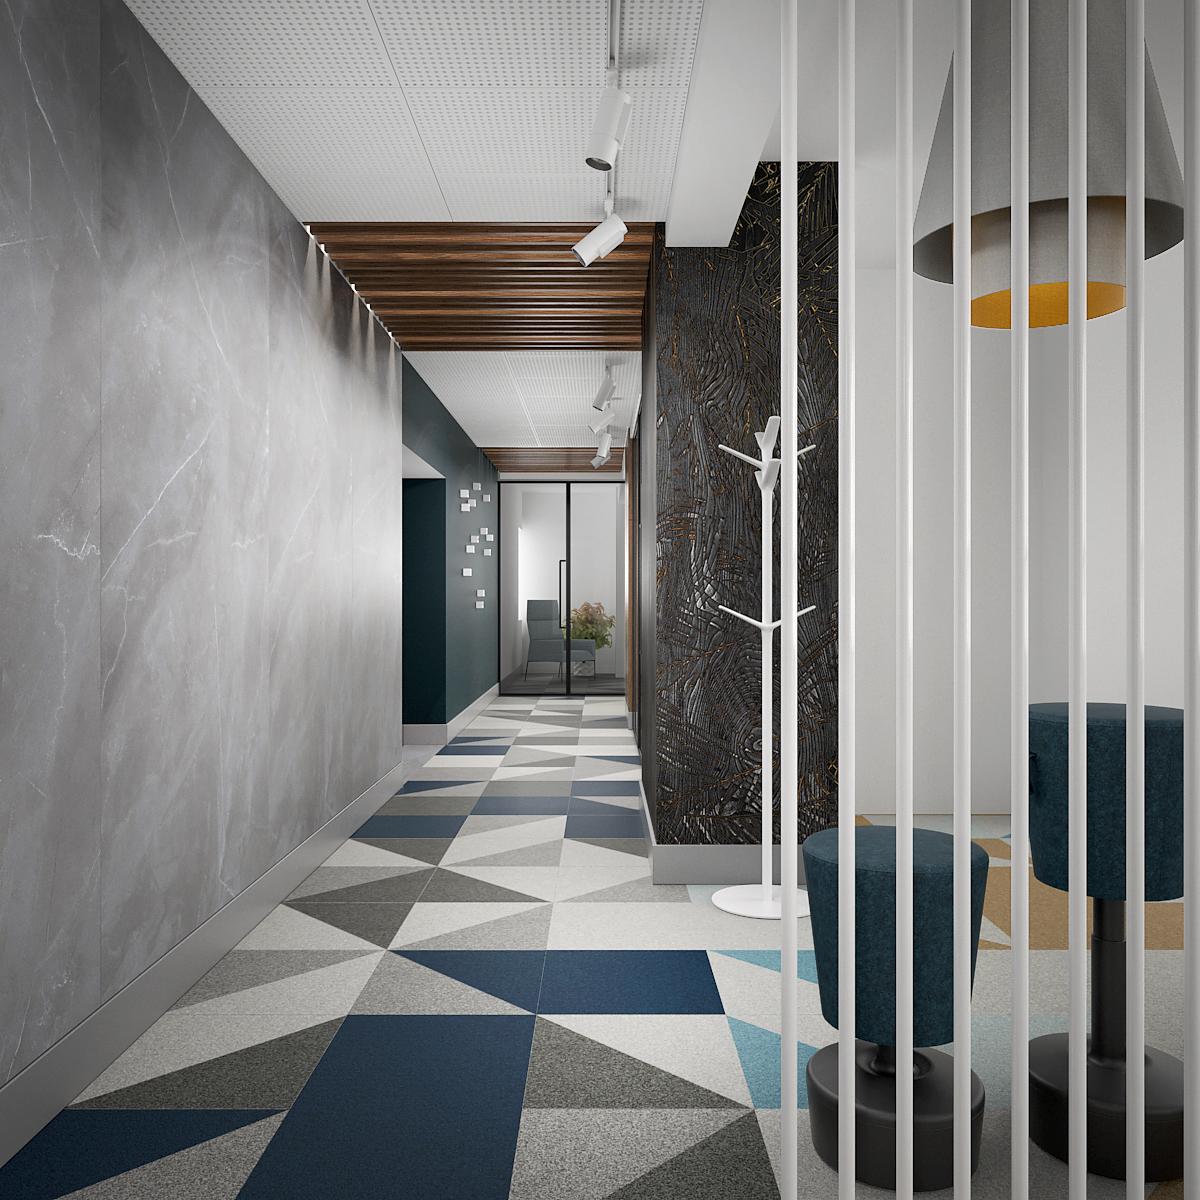 8 projekt biura B247 Kancelaria warszawa korytarz wykladzina w geometryczne wzory plyta meblowa na scianie plytki wielkoformatowe azurowa biala scianka